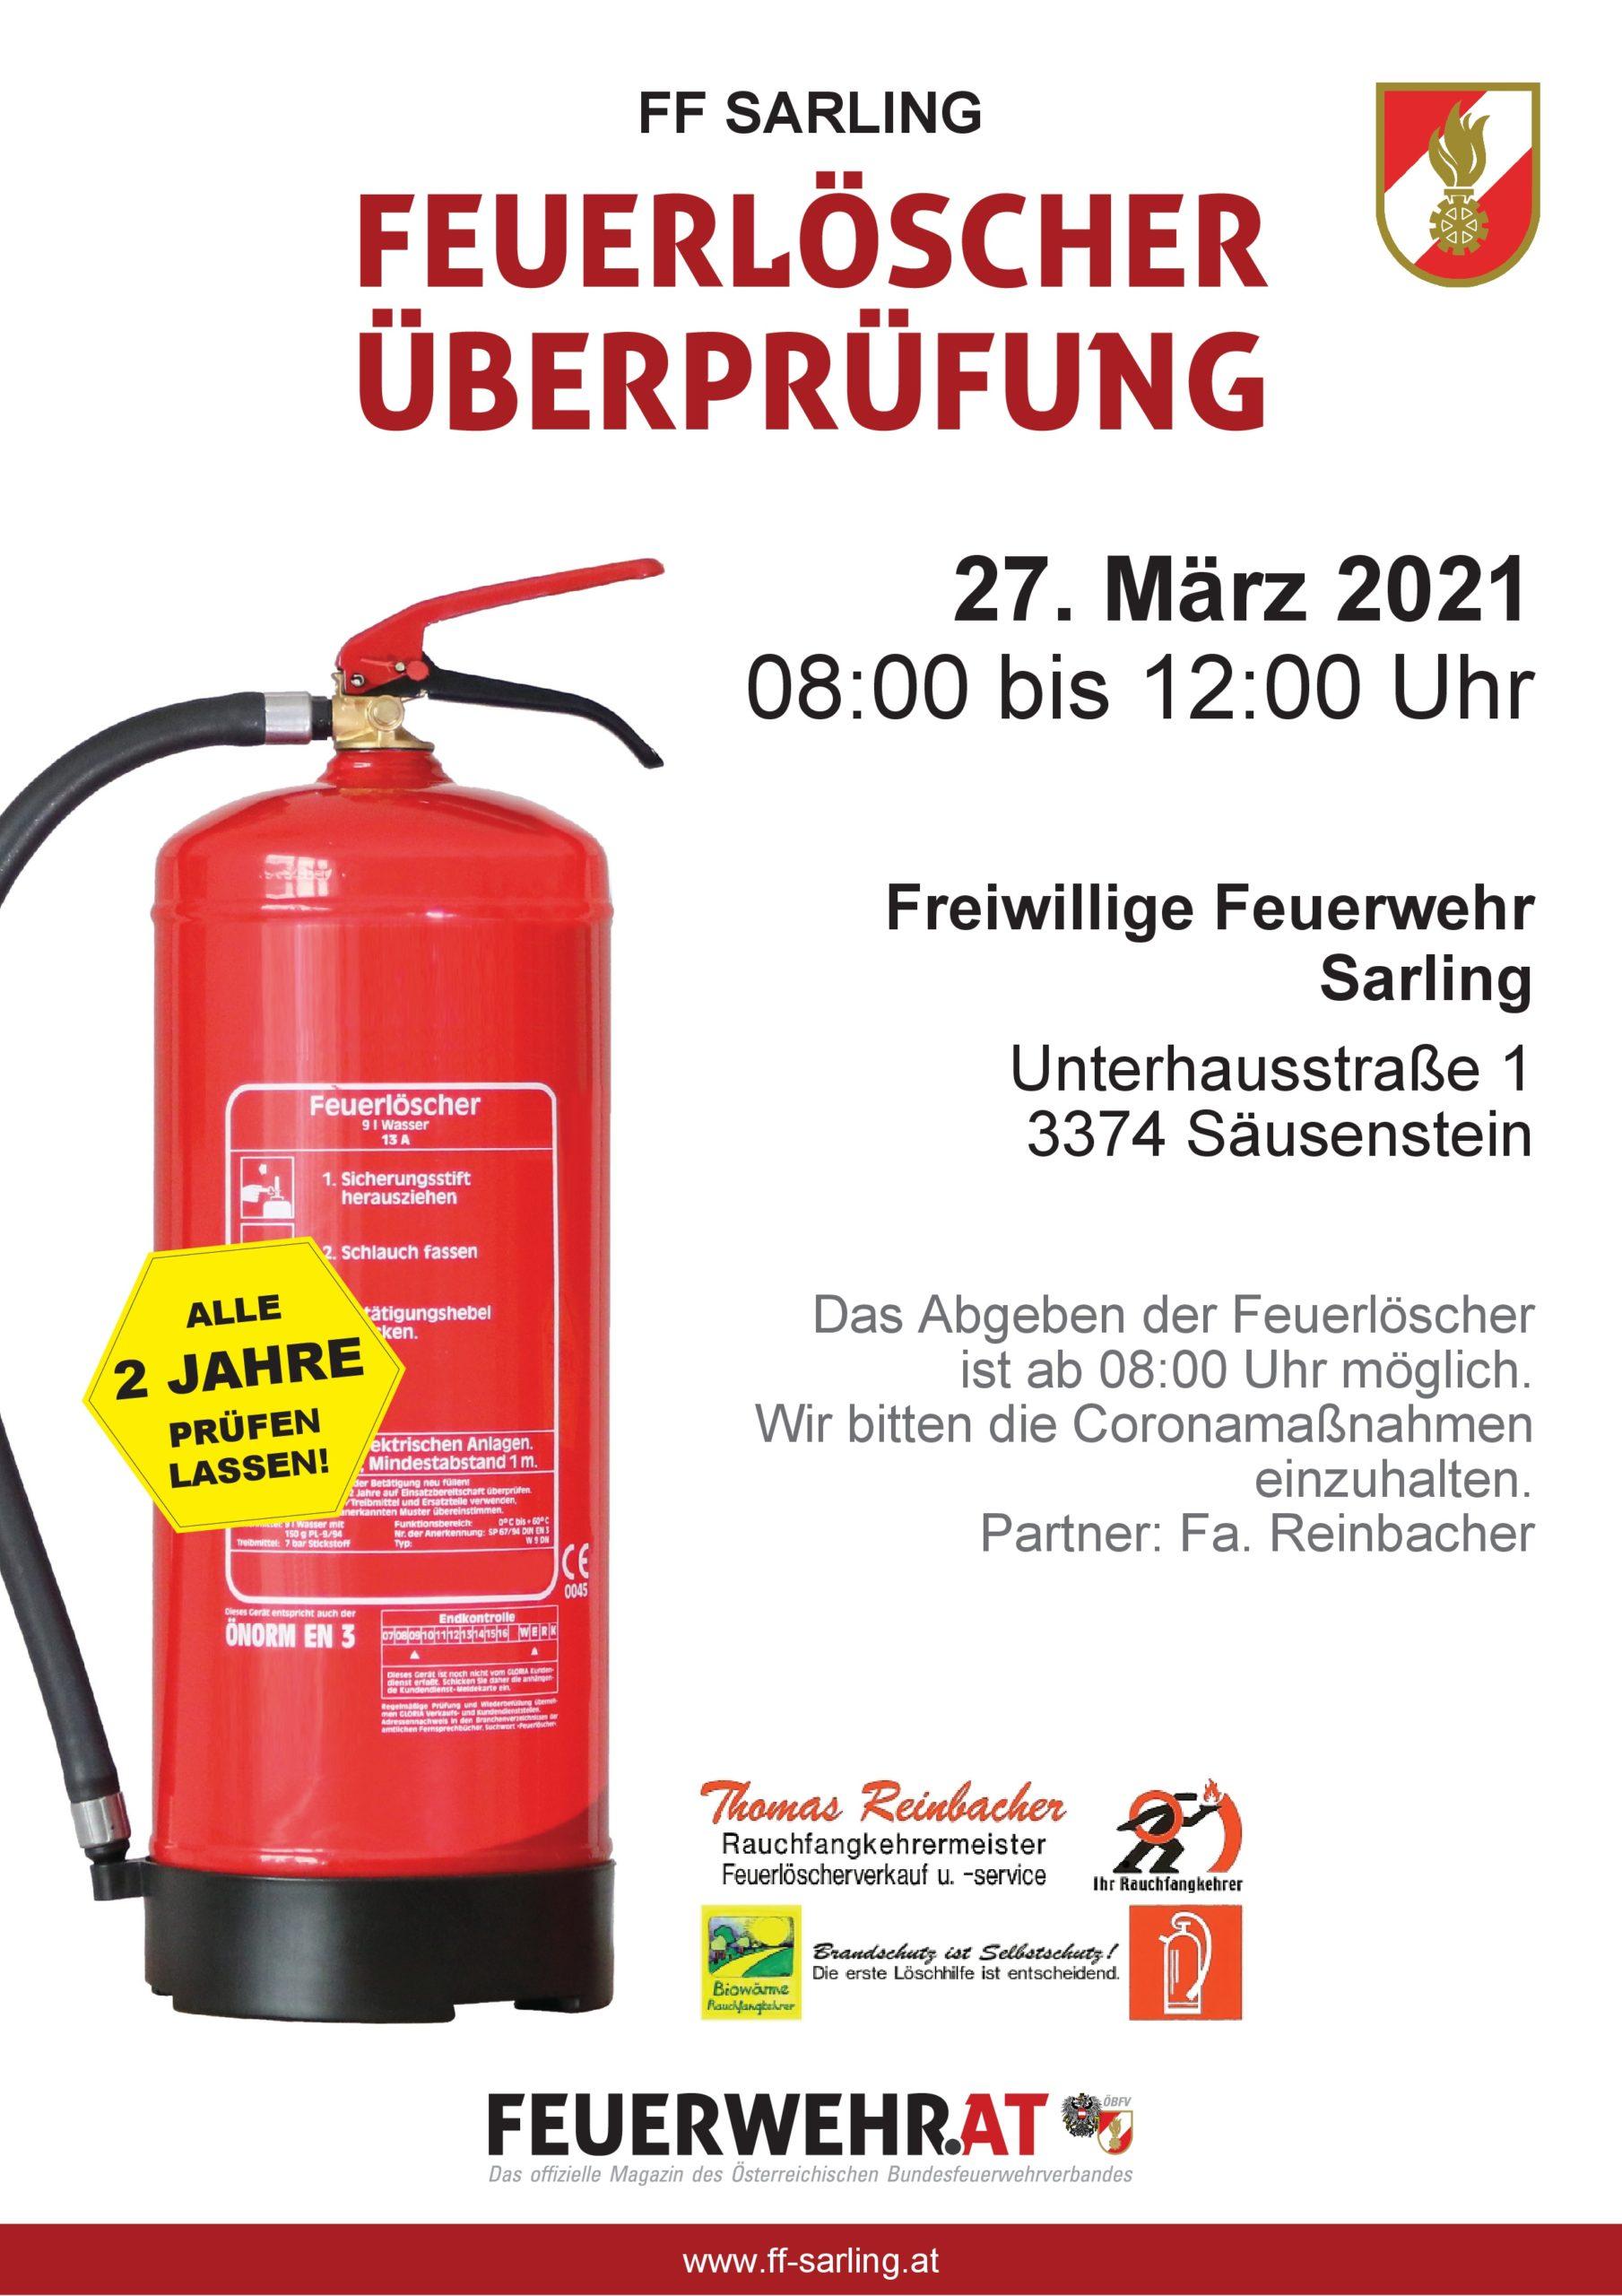 Feuerlöscherüberprüfung 27. März 2021